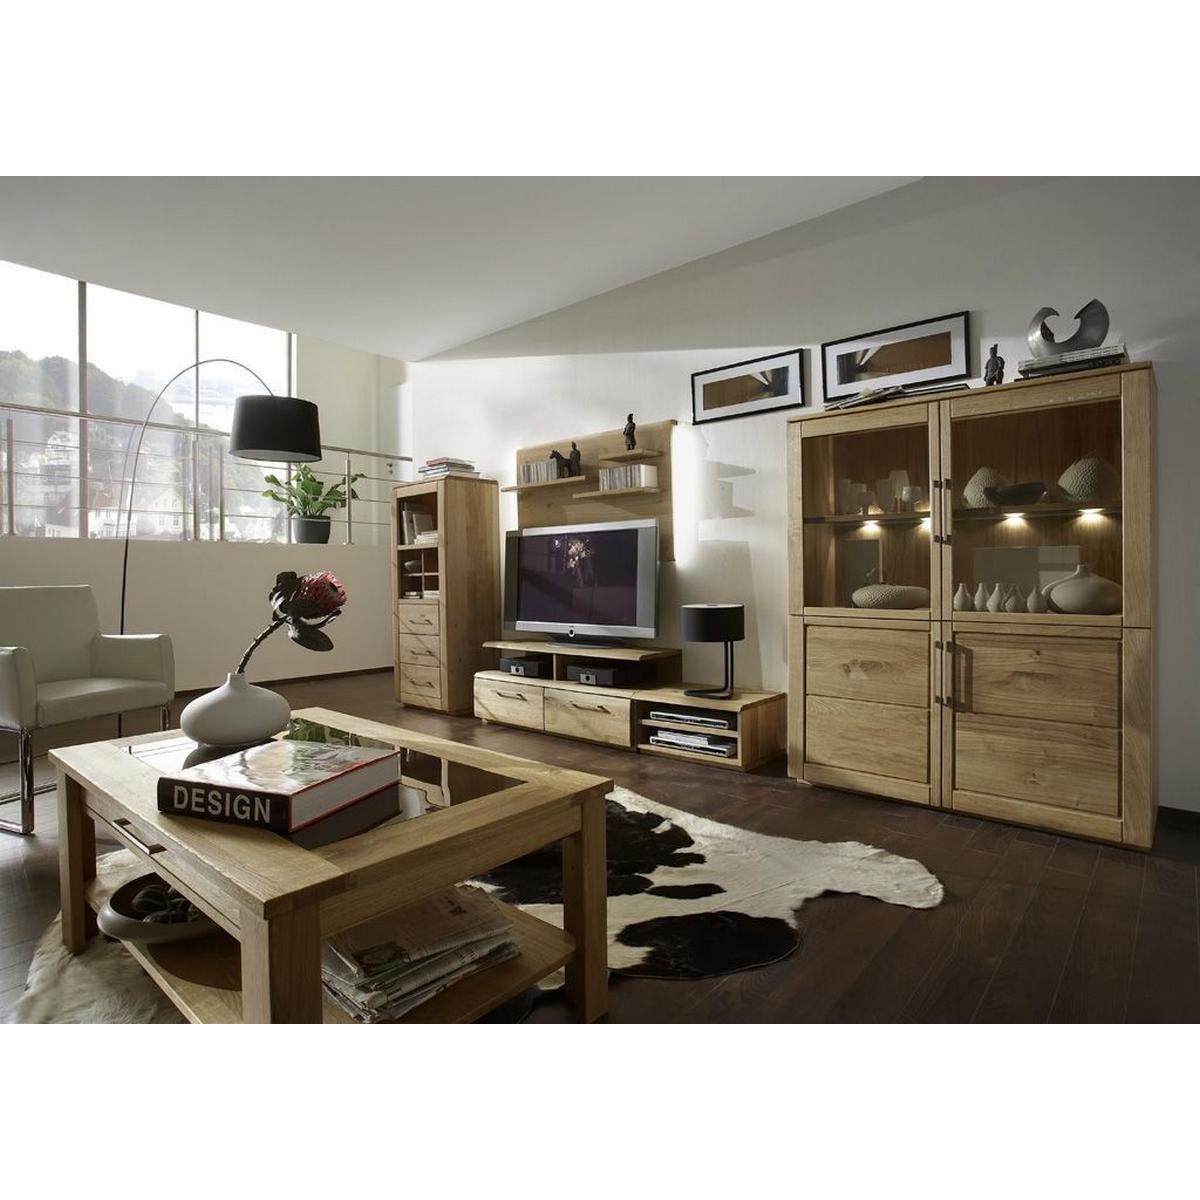 massivholz wohnzimmer 7-teilig oxford wildeiche massiv natur geölt